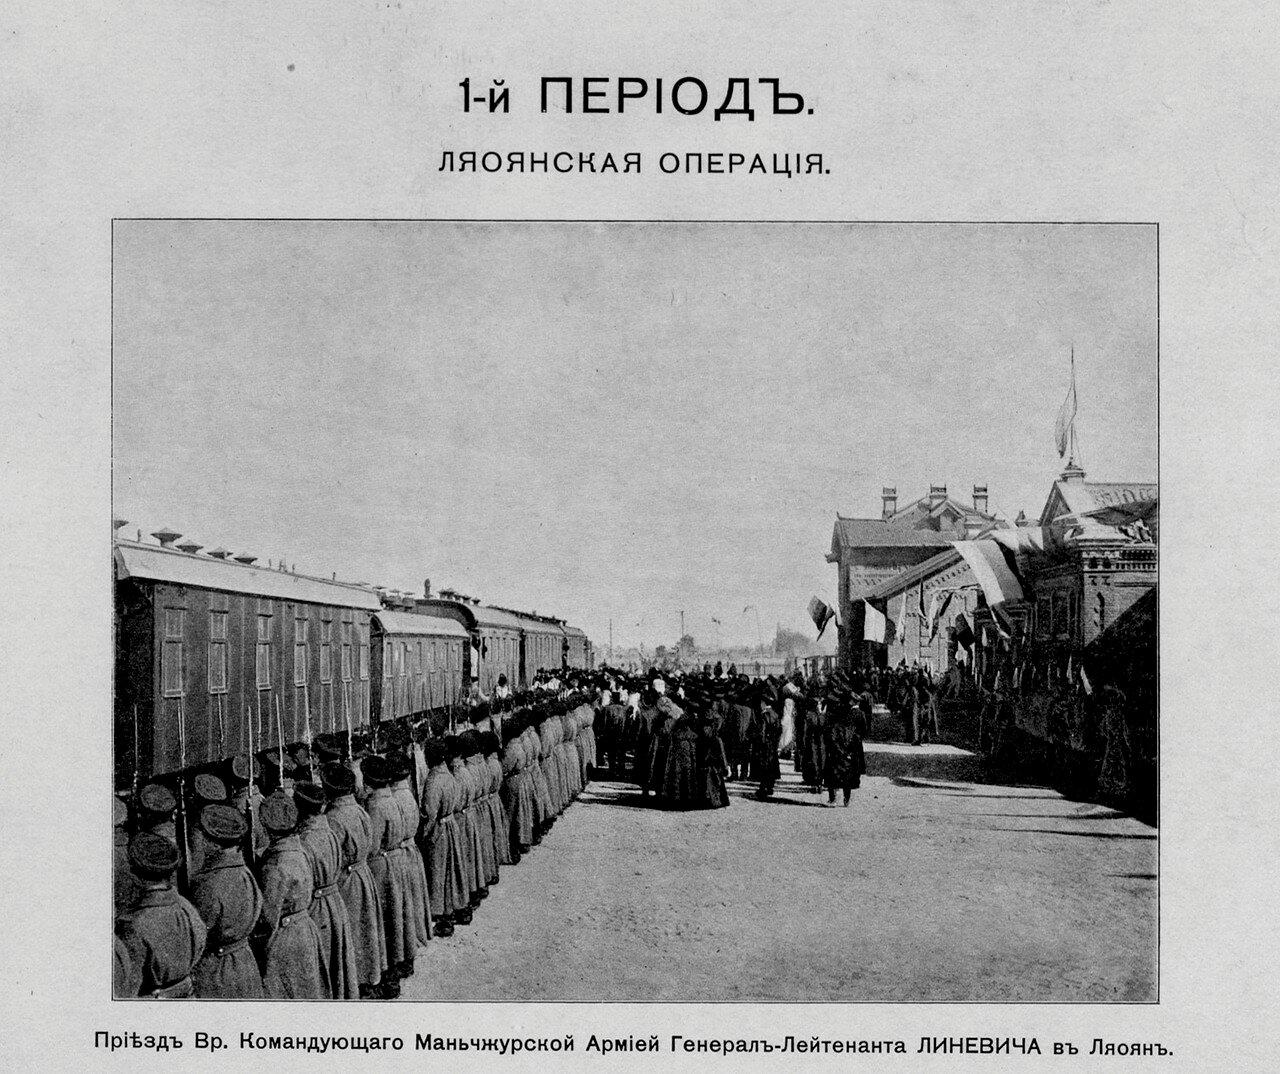 Альбом Русско-японская война 1904-1905. Часть 1